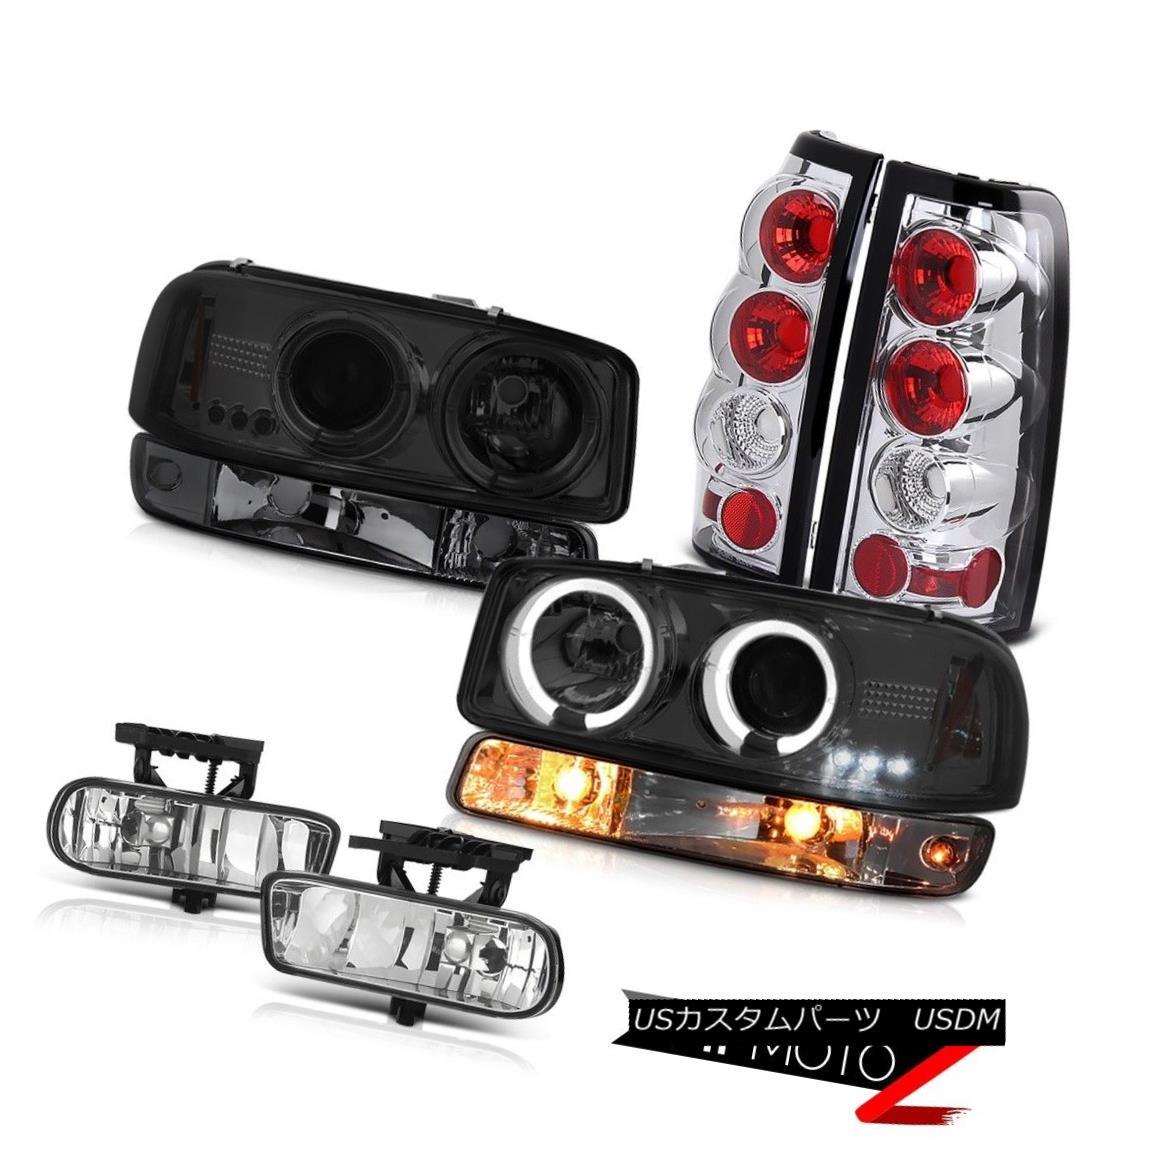 ヘッドライト 99-02 GMC Sierra Euro clear foglights rear brake lights bumper light headlamps 99-02 GMC Sierra Euroクリアフォギーライトリアブレーキライトバンパーライトヘッドランプ